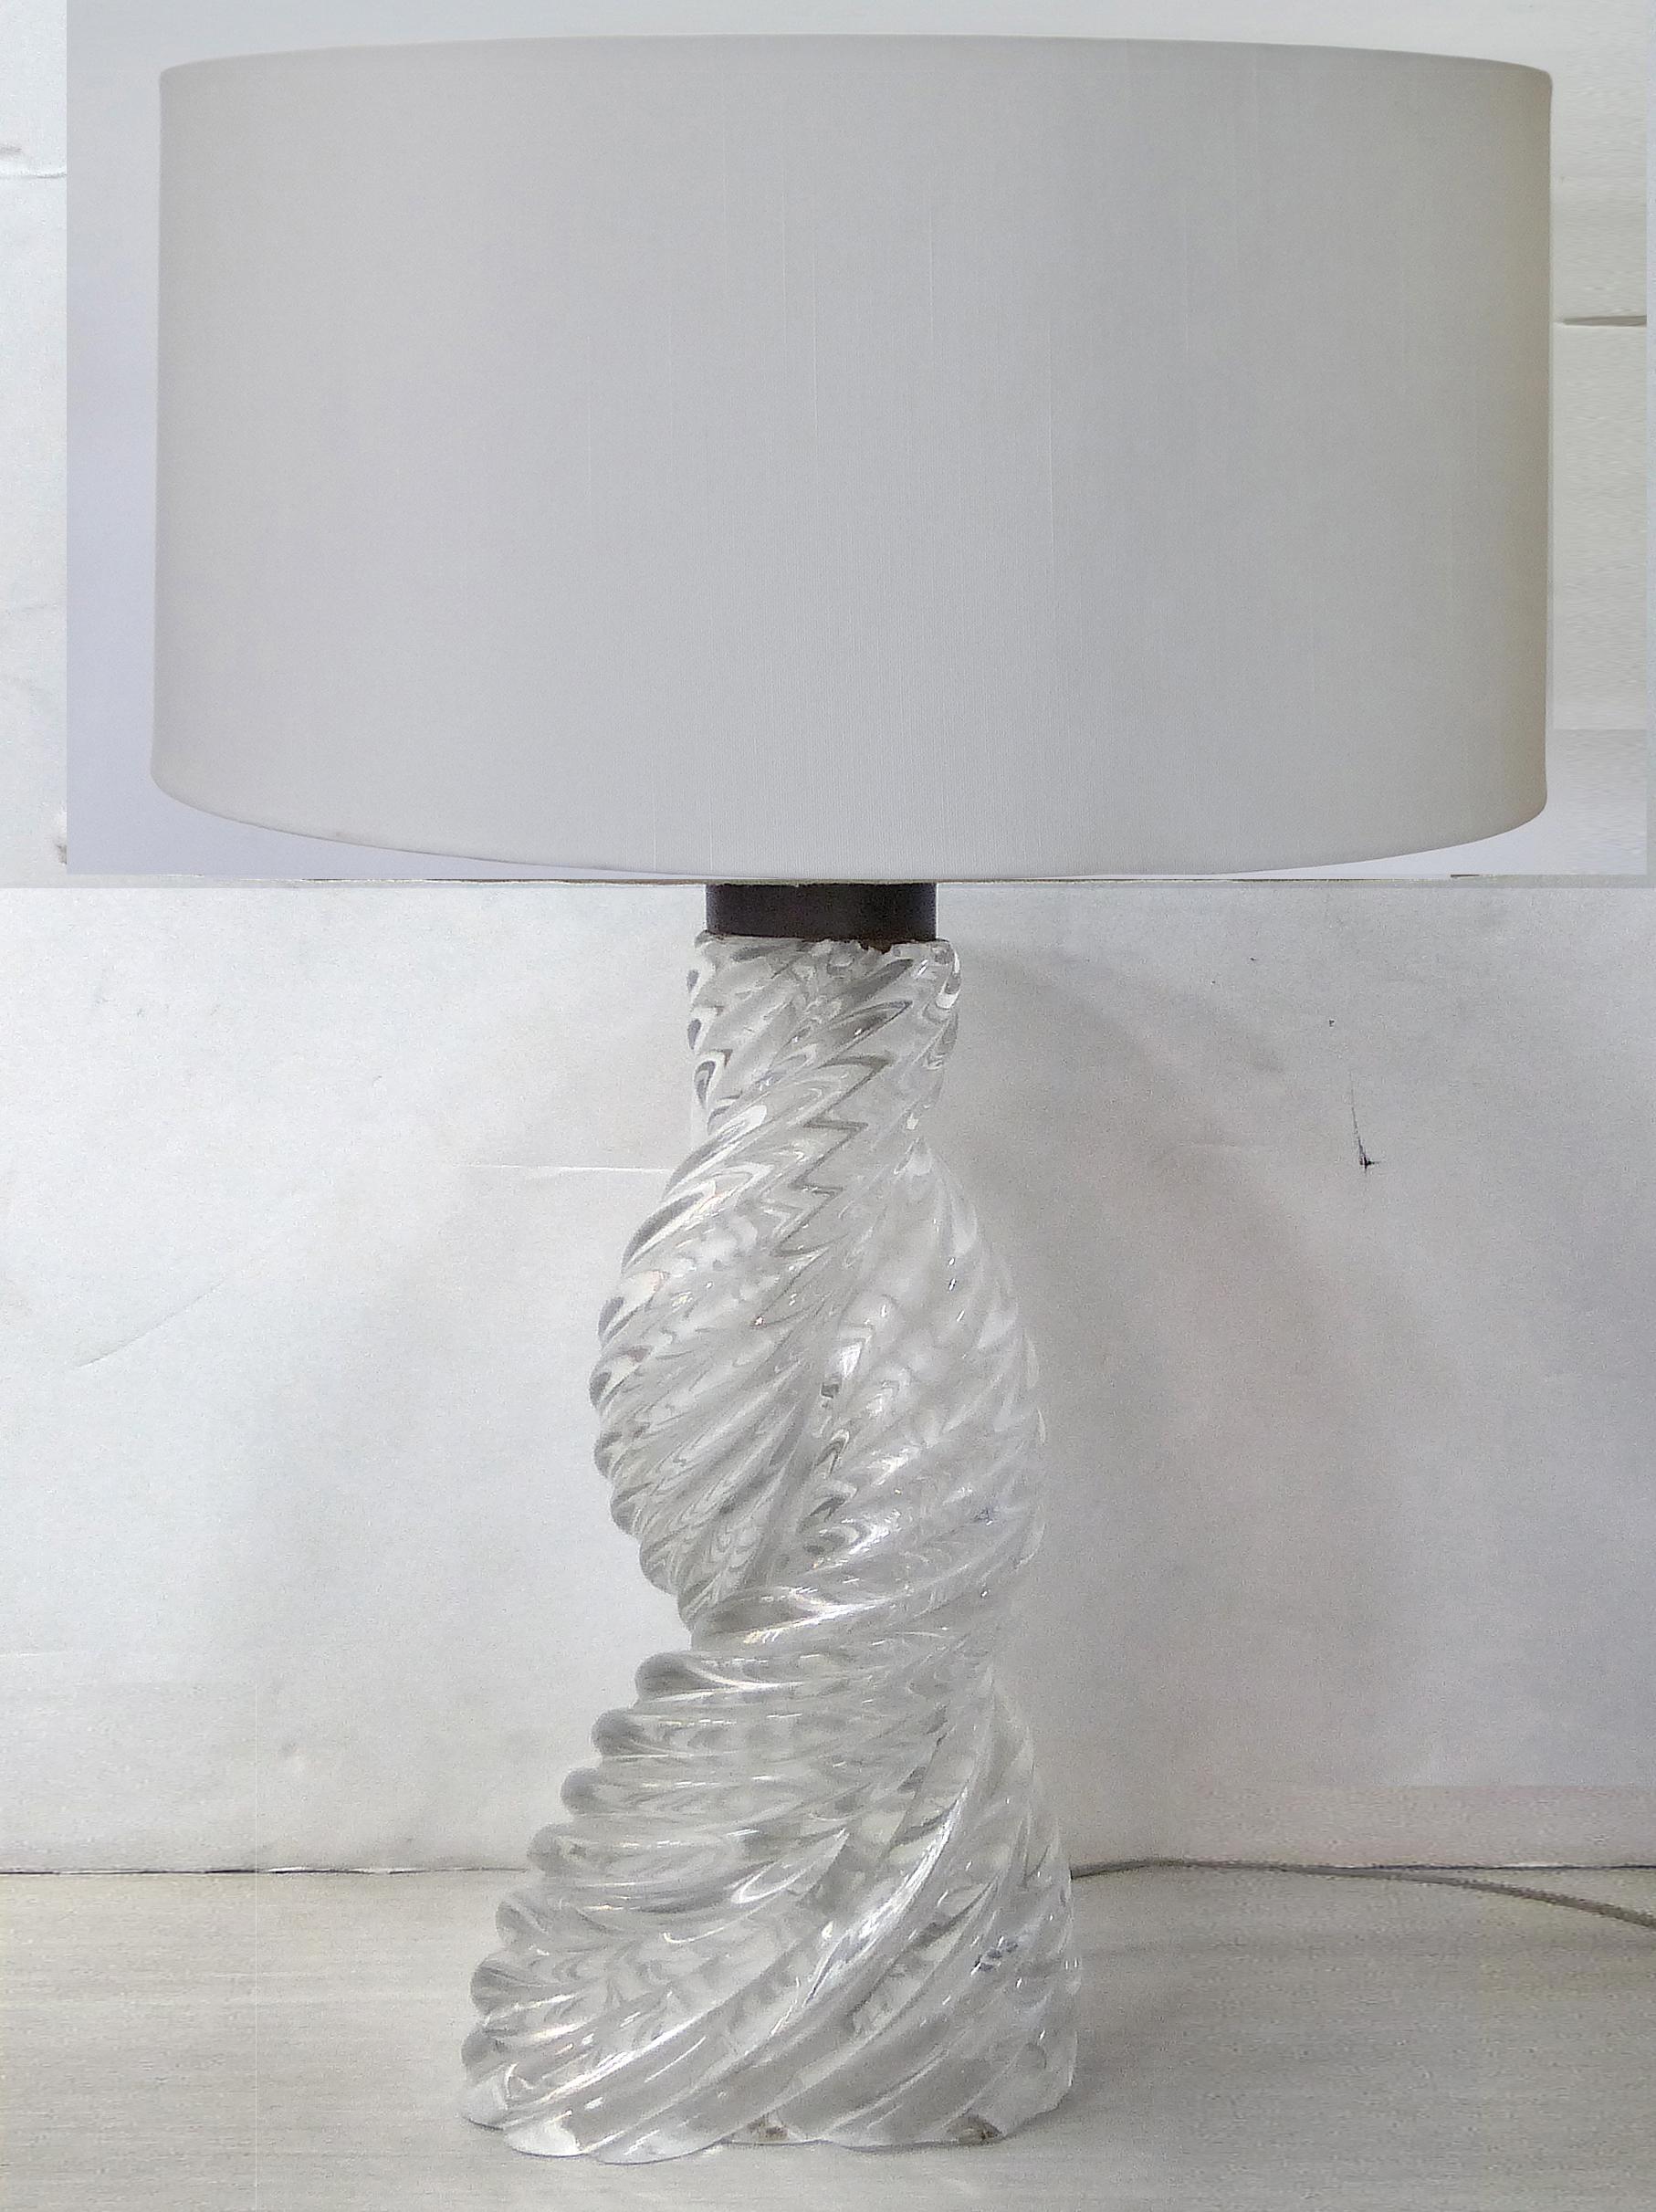 Paolo Venini Art Deco Swirled Glass Table L& - Image 2 of 11  sc 1 st  Chairish & Paolo Venini Art Deco Swirled Glass Table Lamp | Chairish